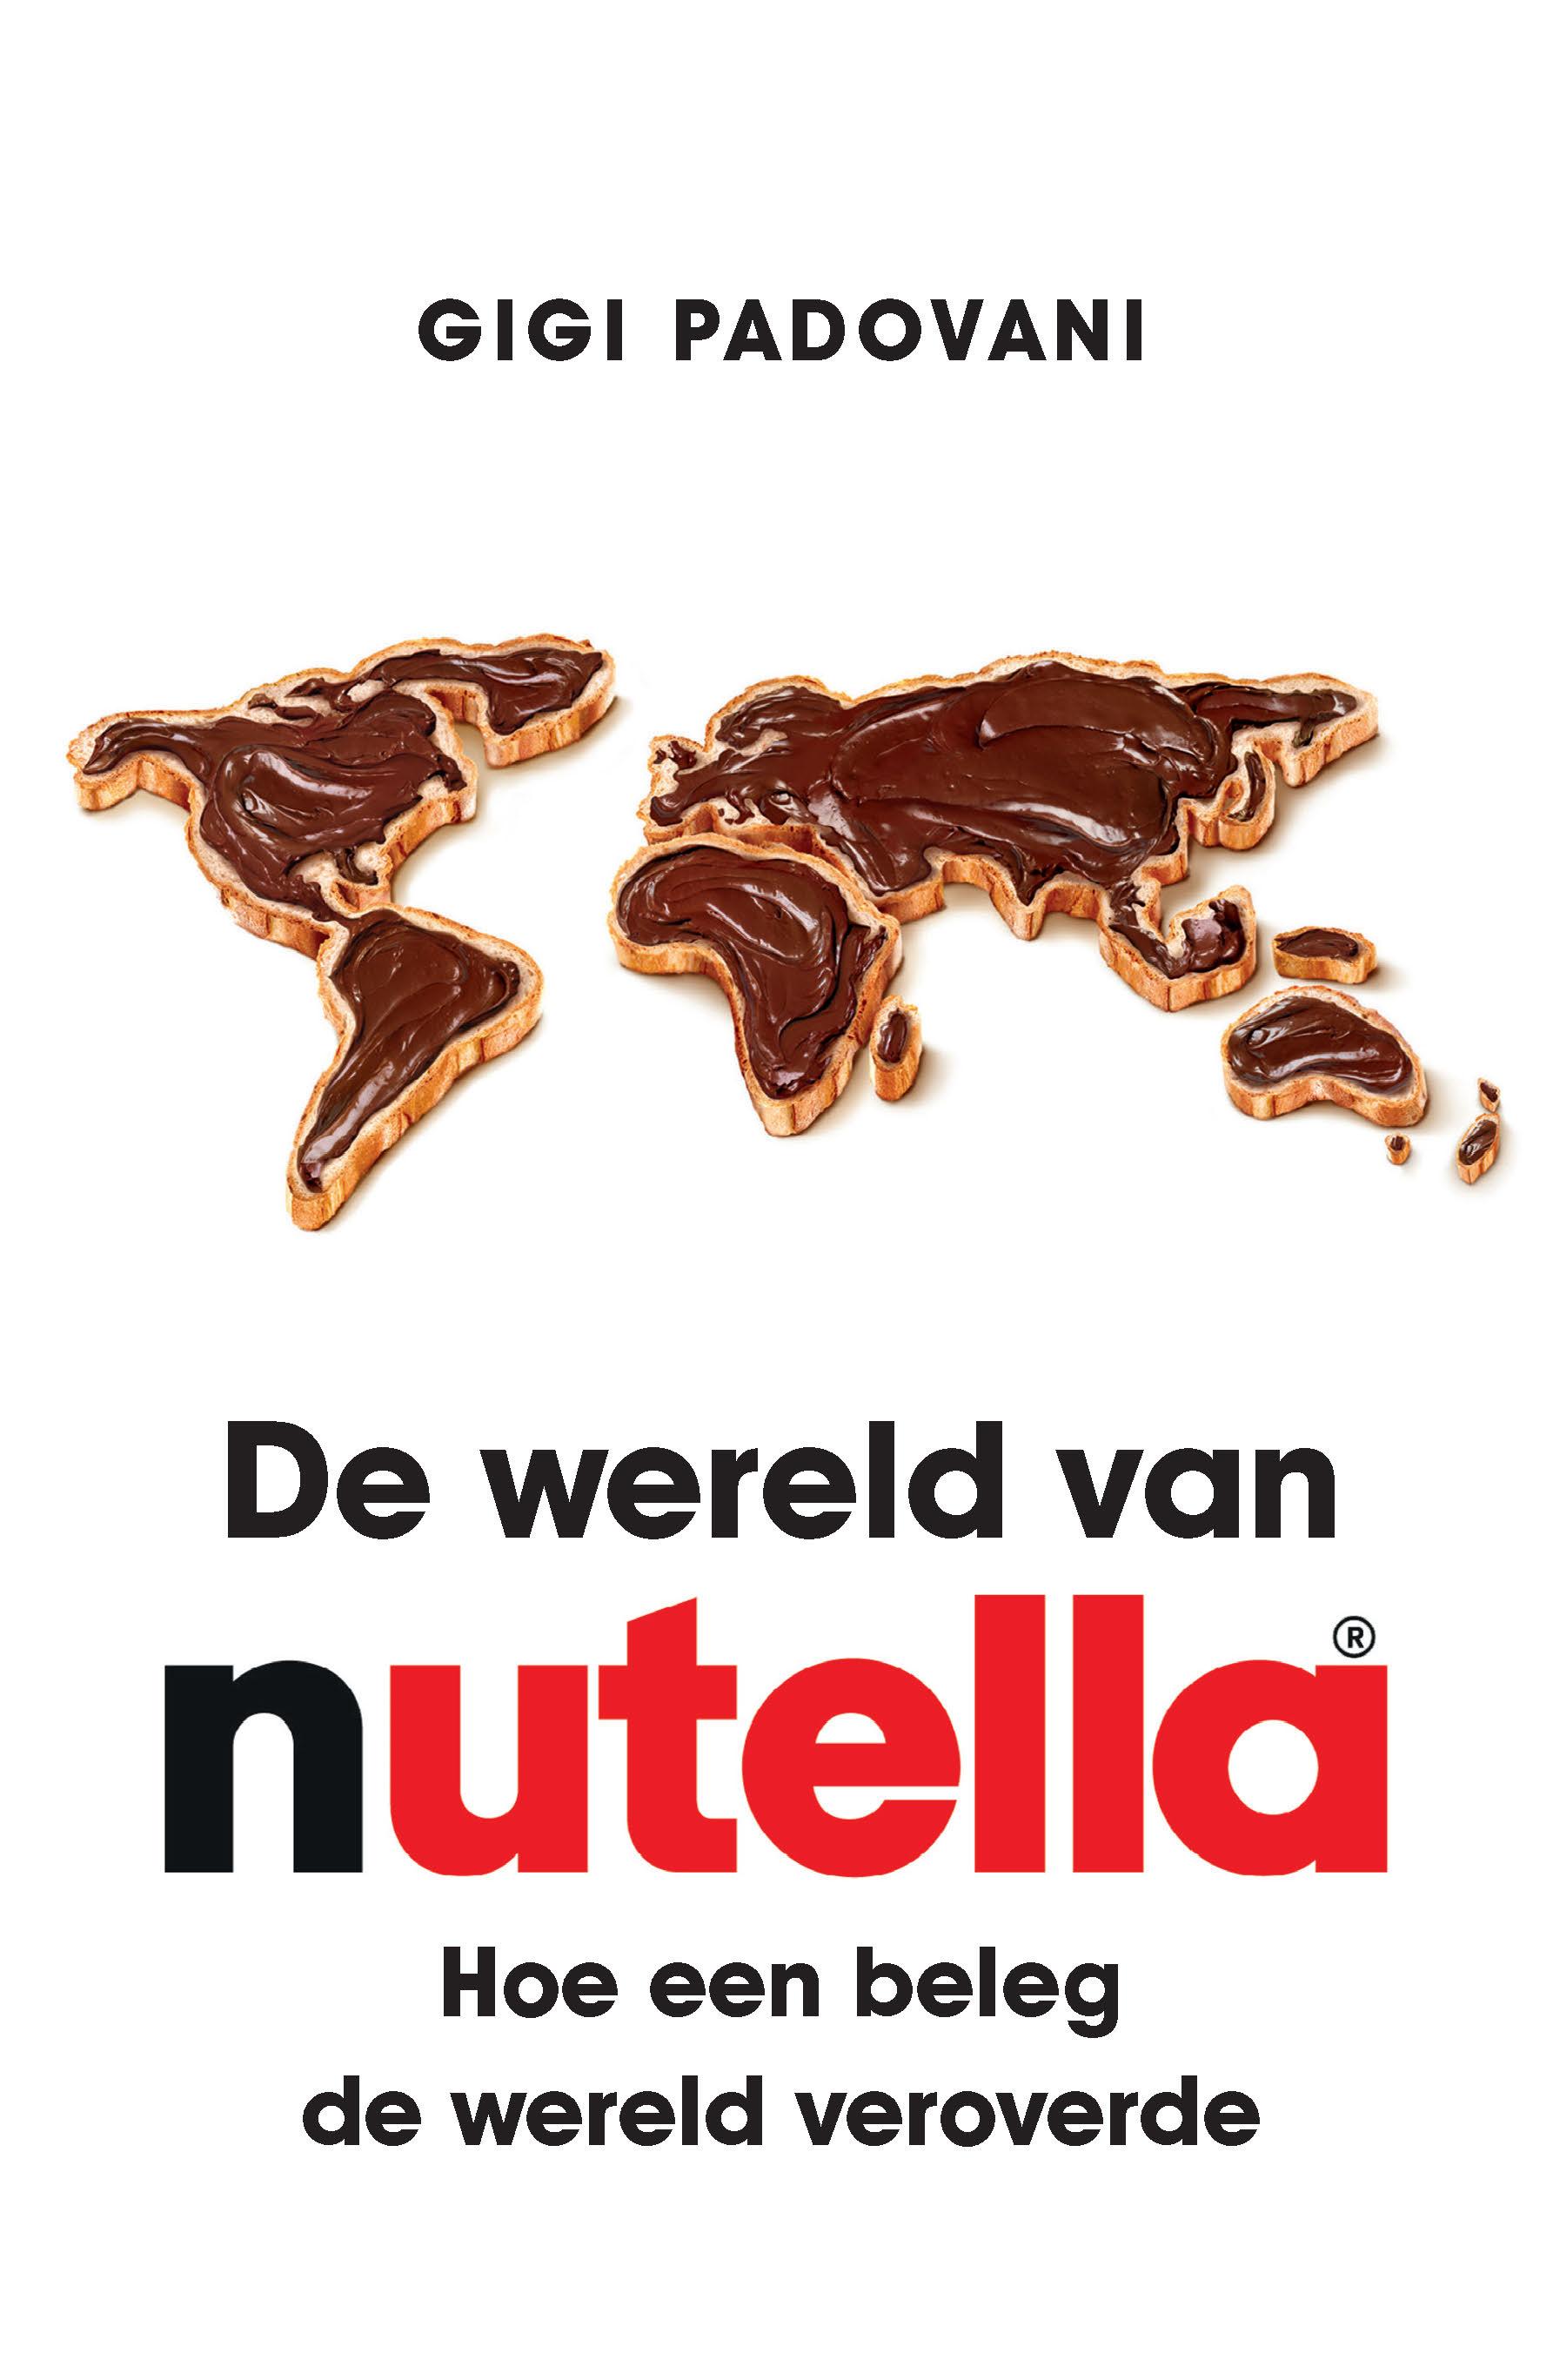 De wereld van Nutella - boekrecensie